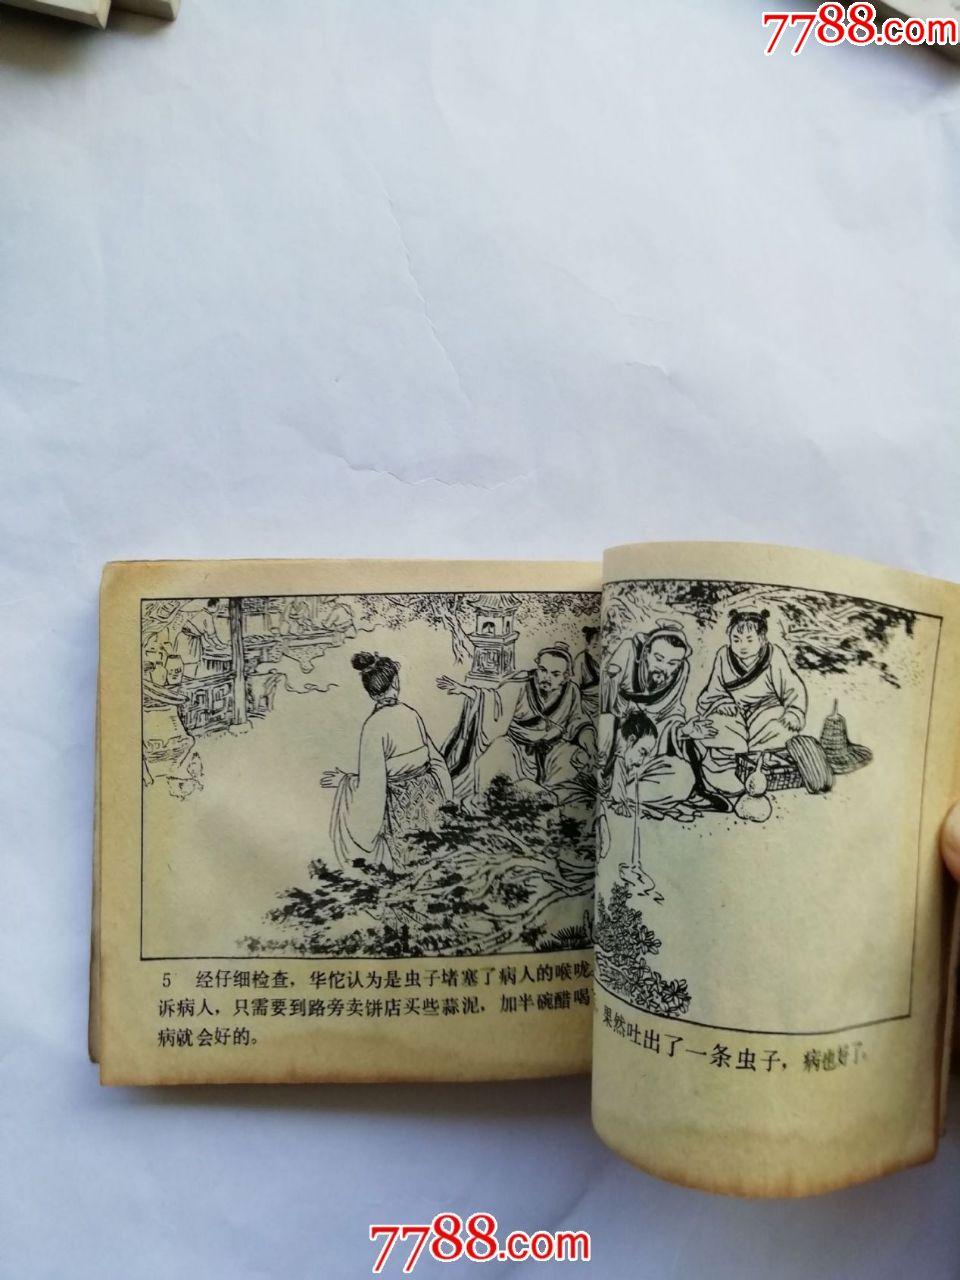 华佗_价格15.0000元【应山书局】_第4张_7788收藏__中国收藏热线